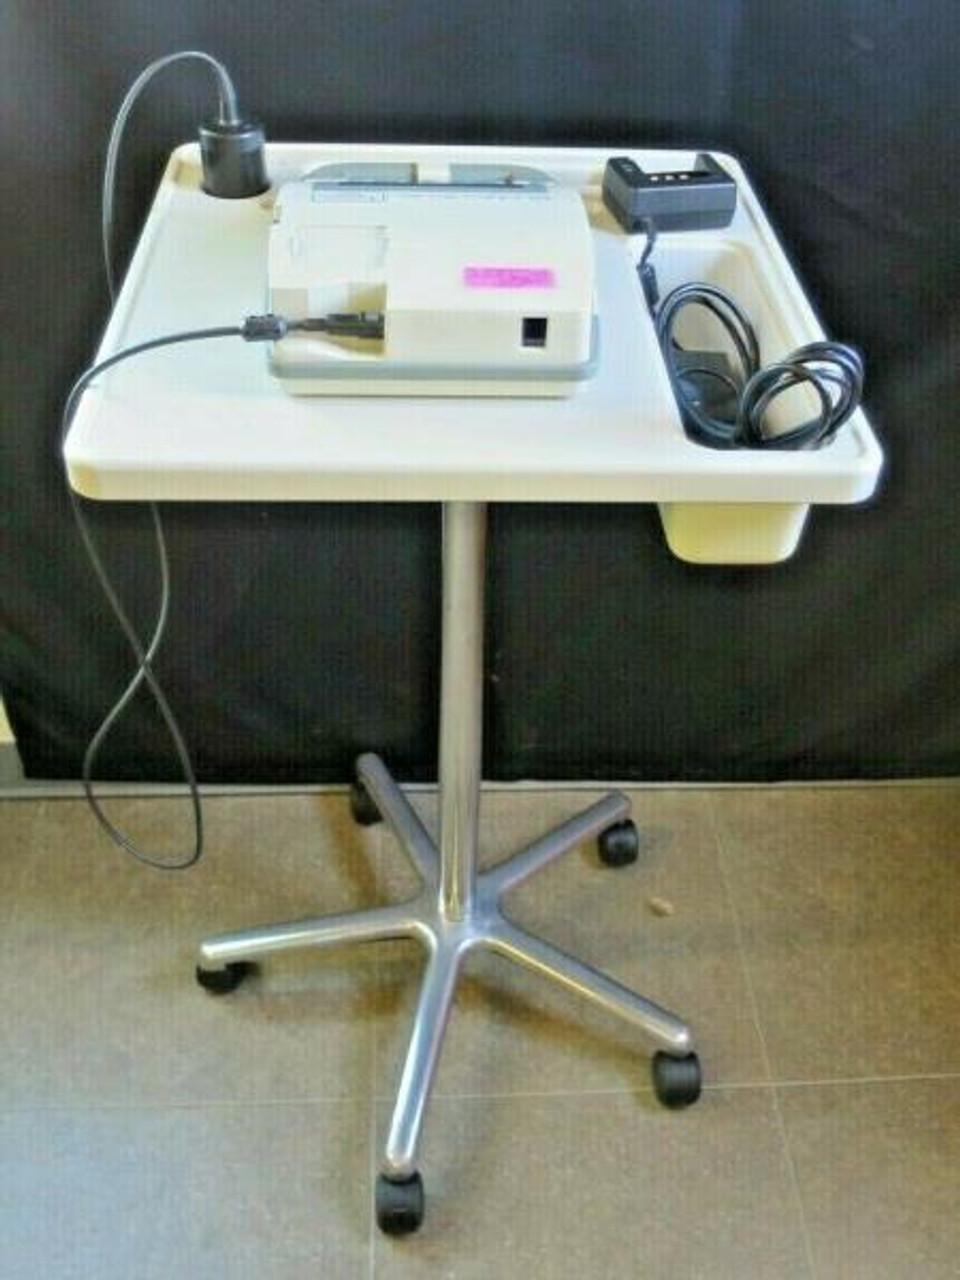 Verathon BVI 3000 BladderScan Bladder Scanner